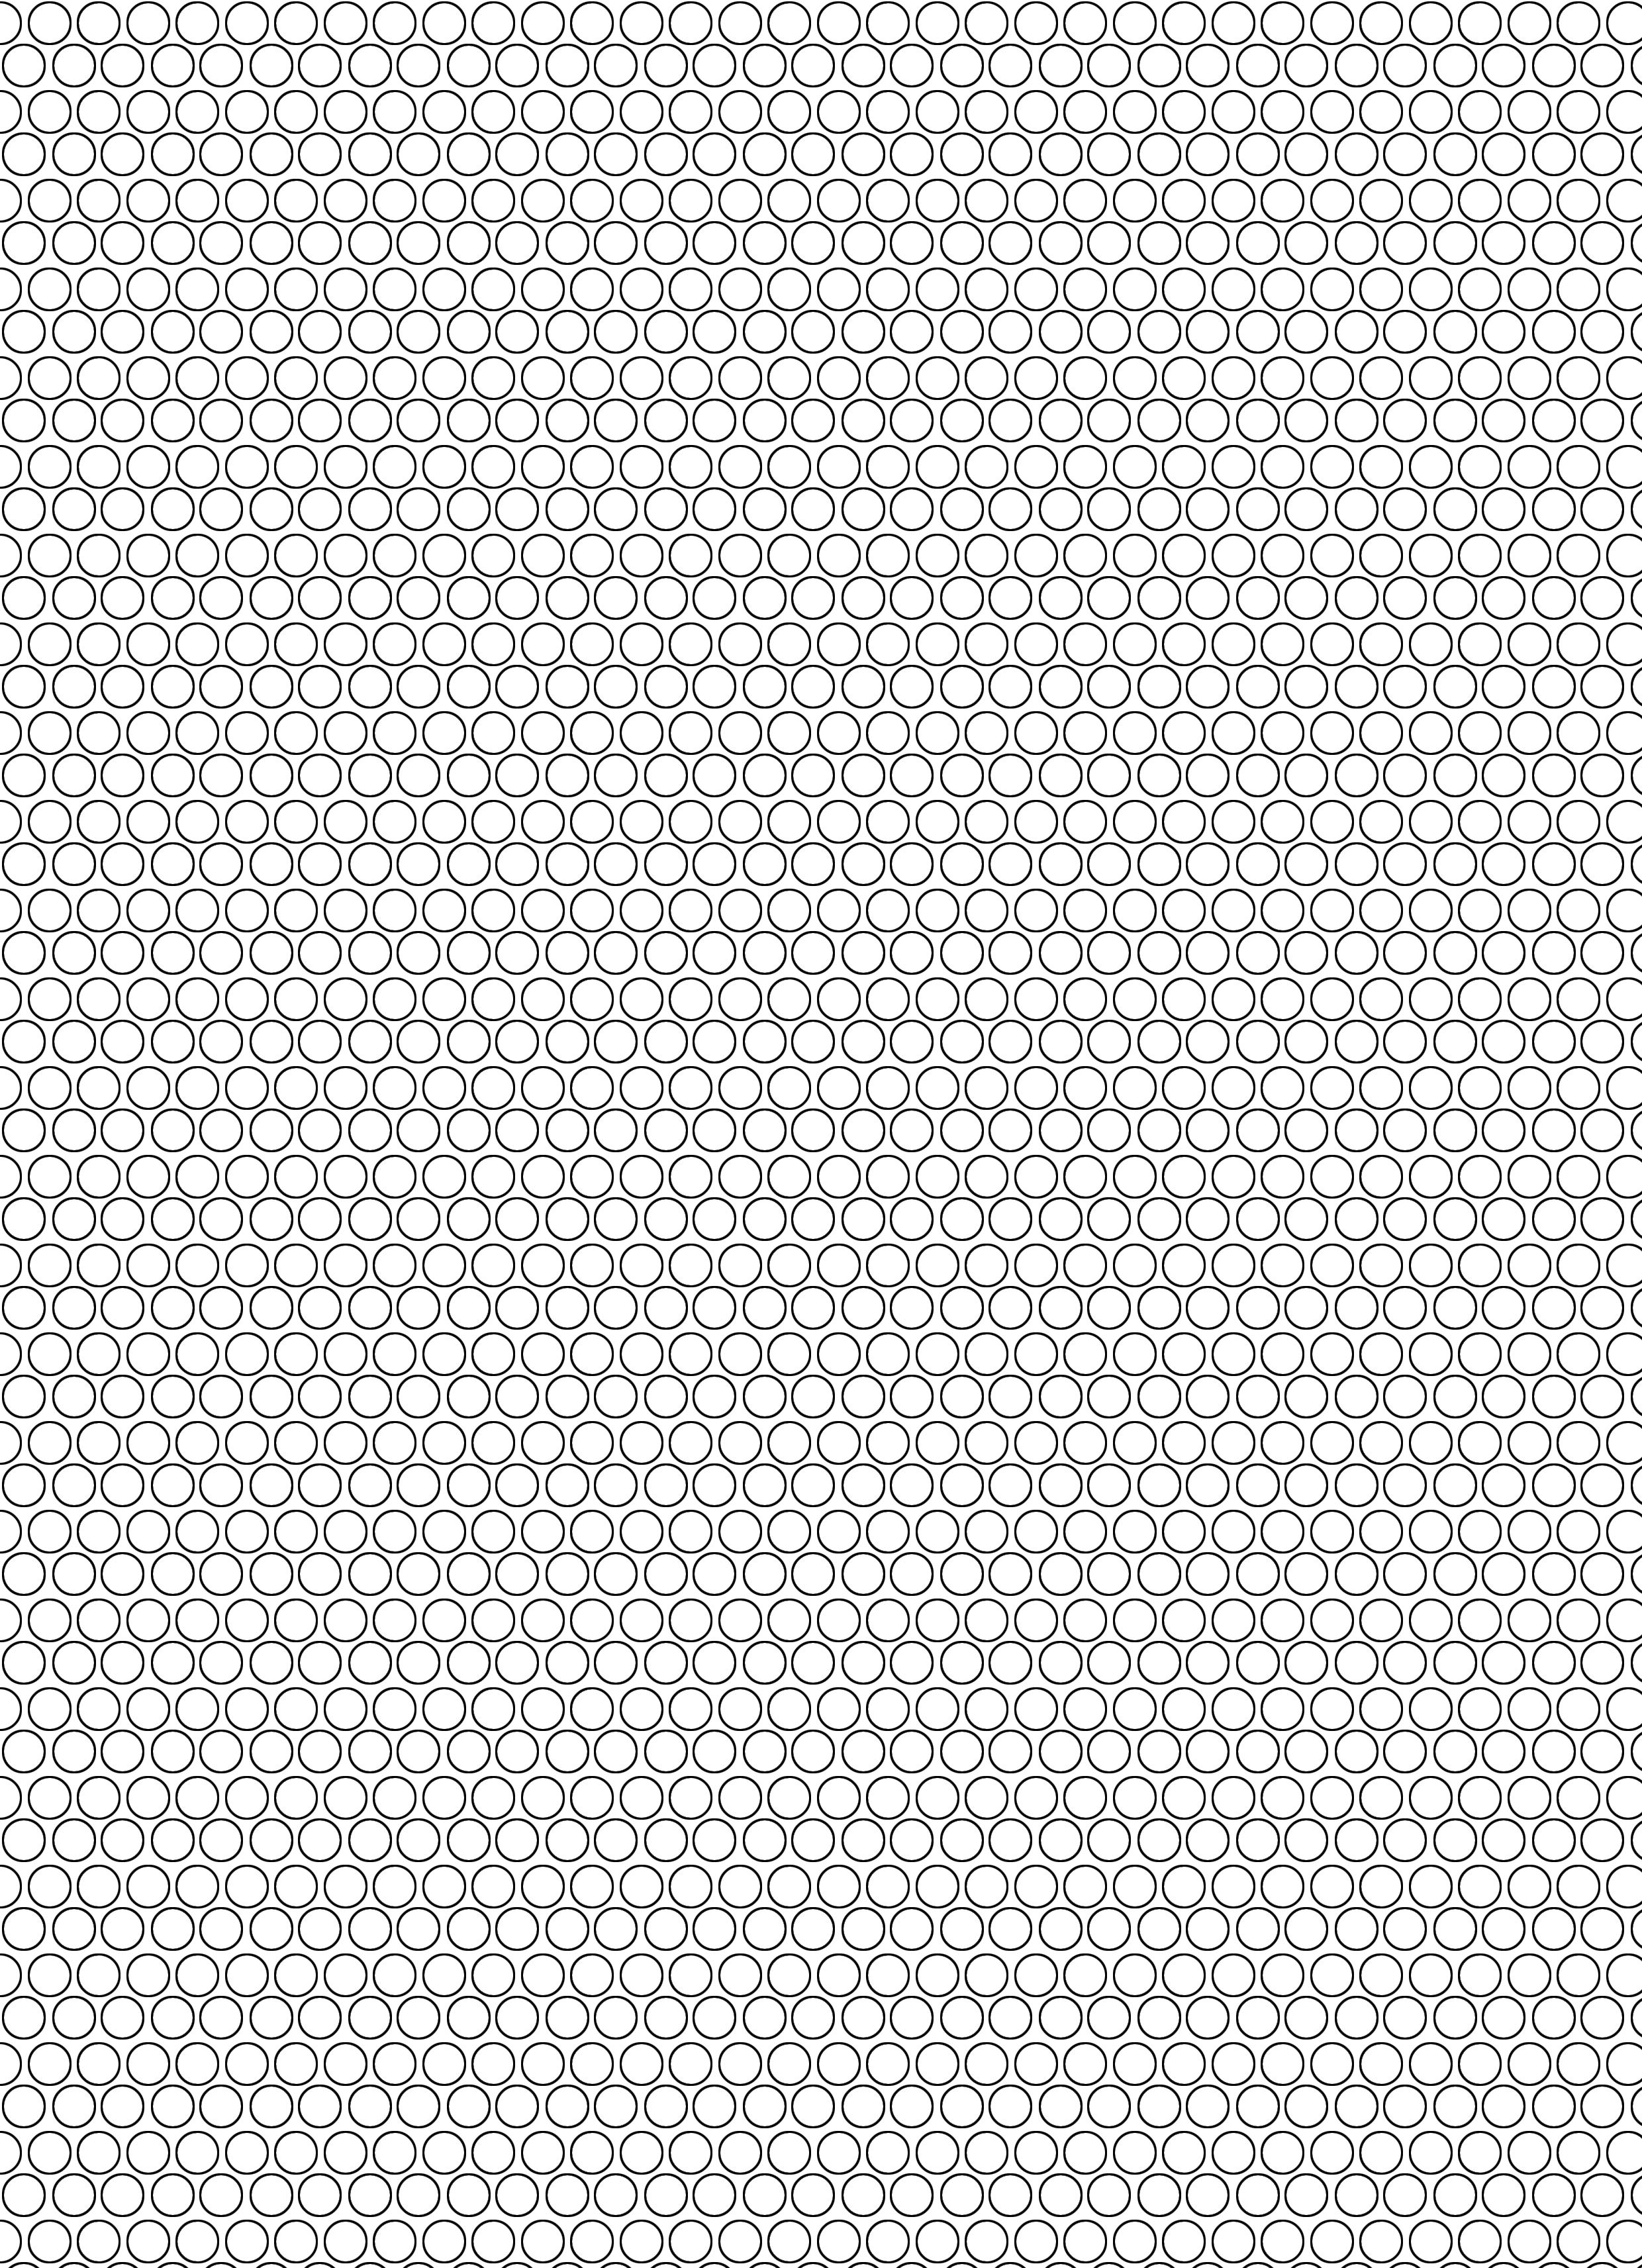 Pop art benday dot template pop art bags year 8 for Ben day dots template